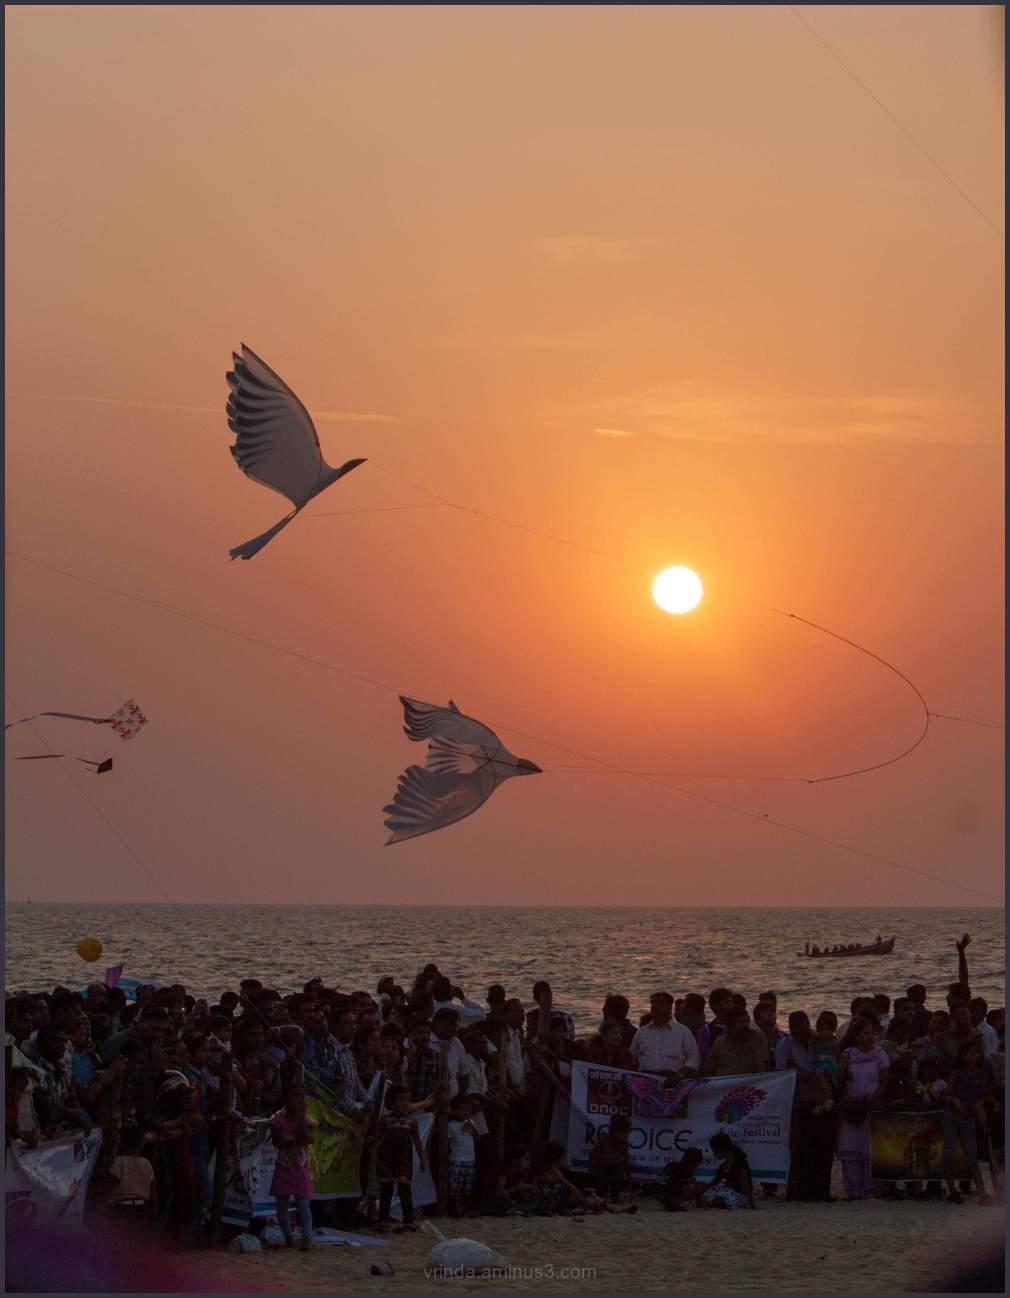 International kite festival 2012